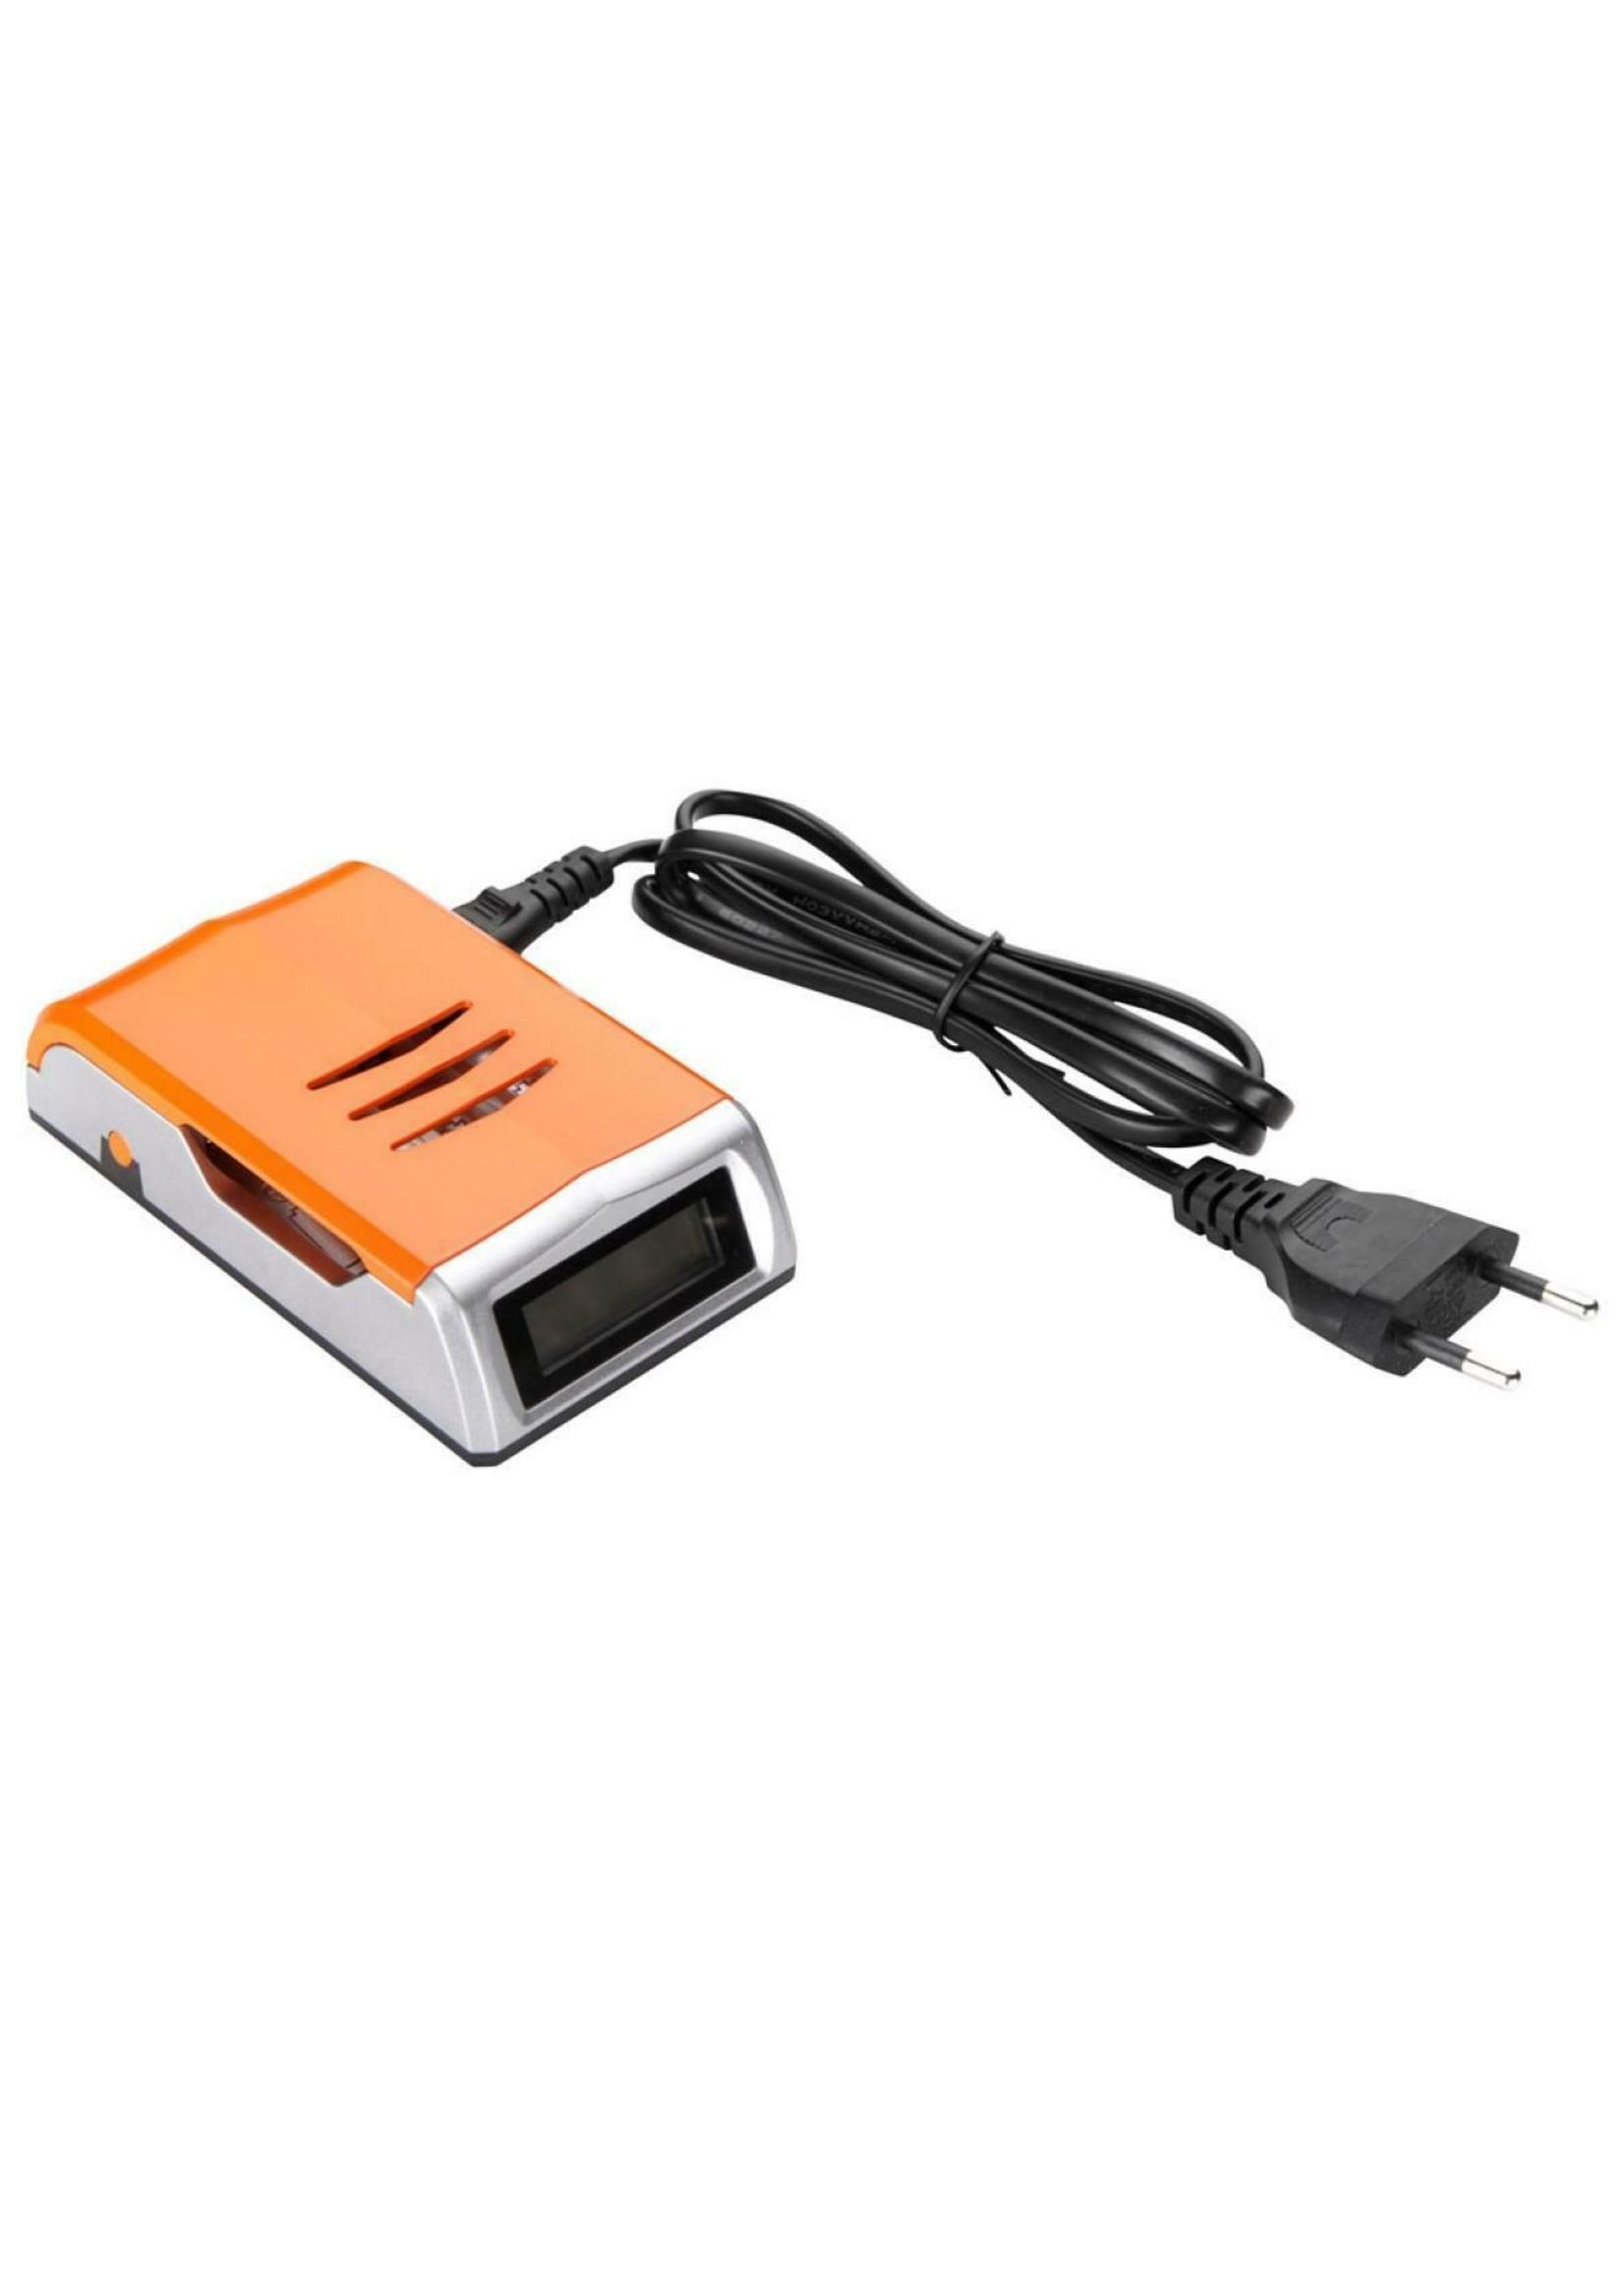 BEARCREEKS Scavenger Pro voerboot + GPS + kleurenecholood BC151